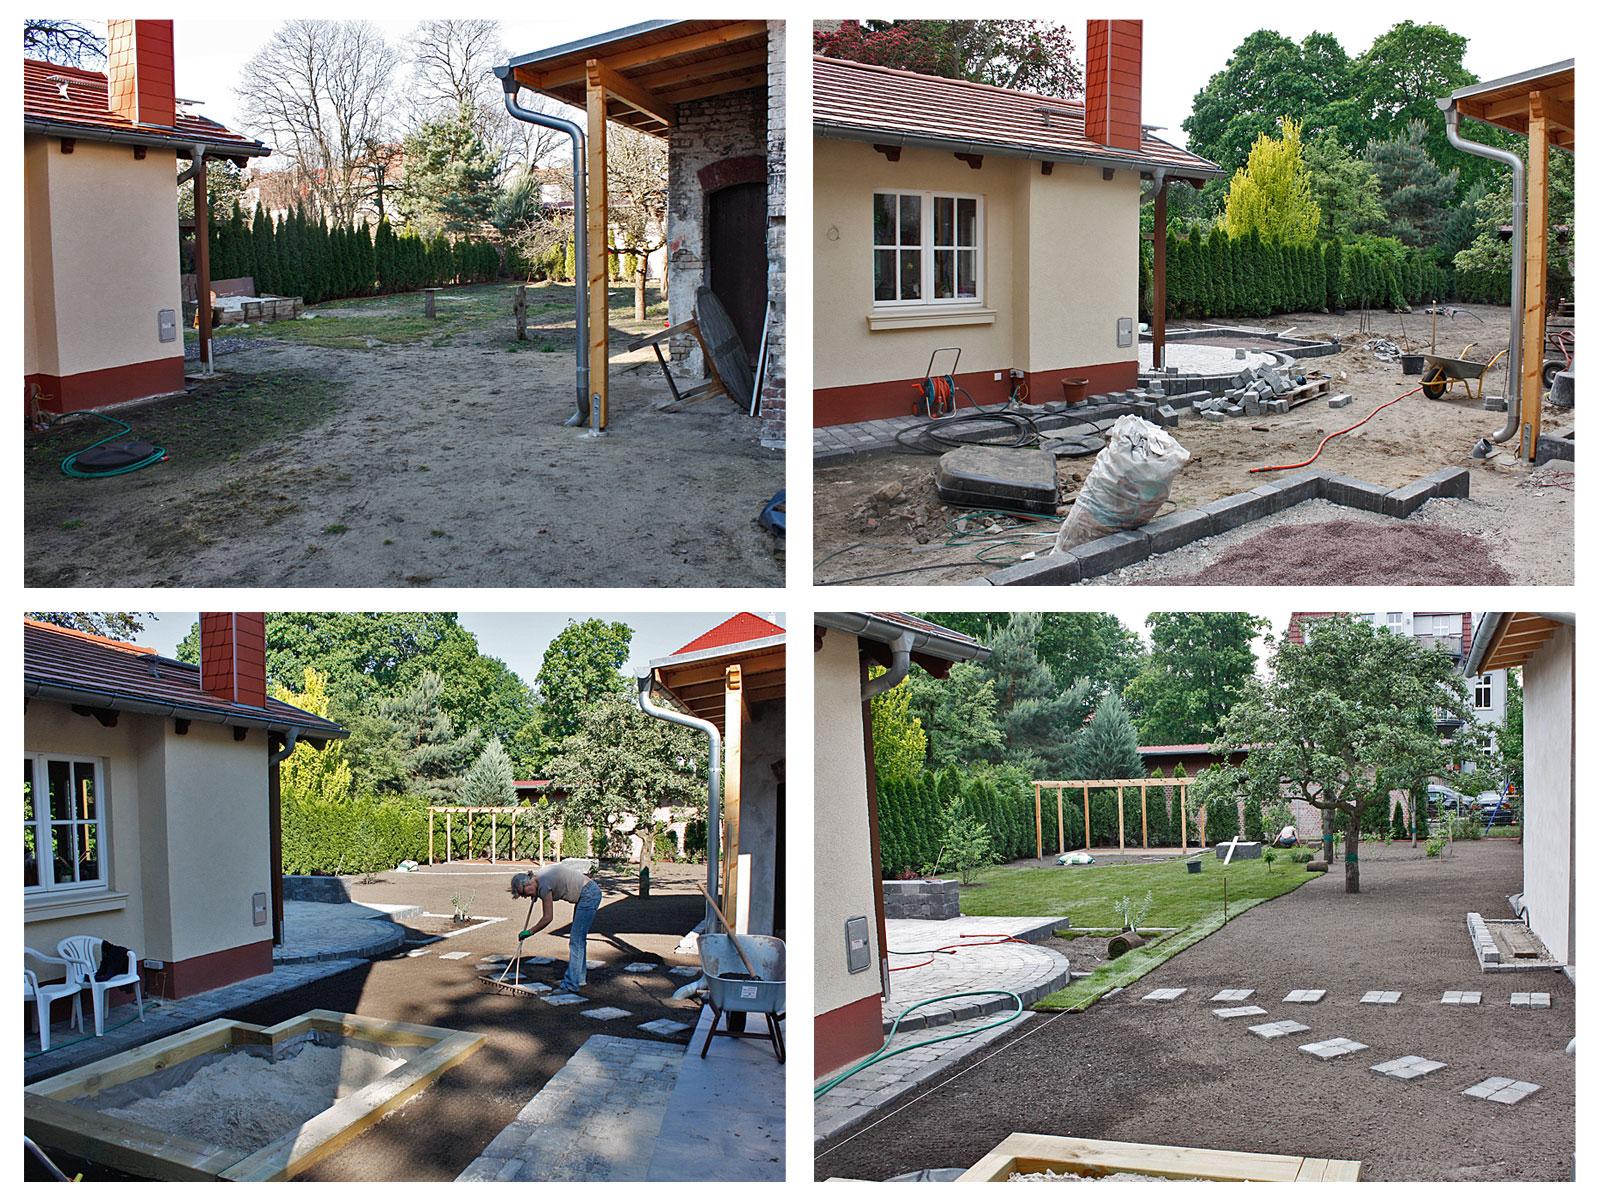 garten und landschaftsbau berlin garten landschaftsbau berlin garten landschaftsbau berlin. Black Bedroom Furniture Sets. Home Design Ideas